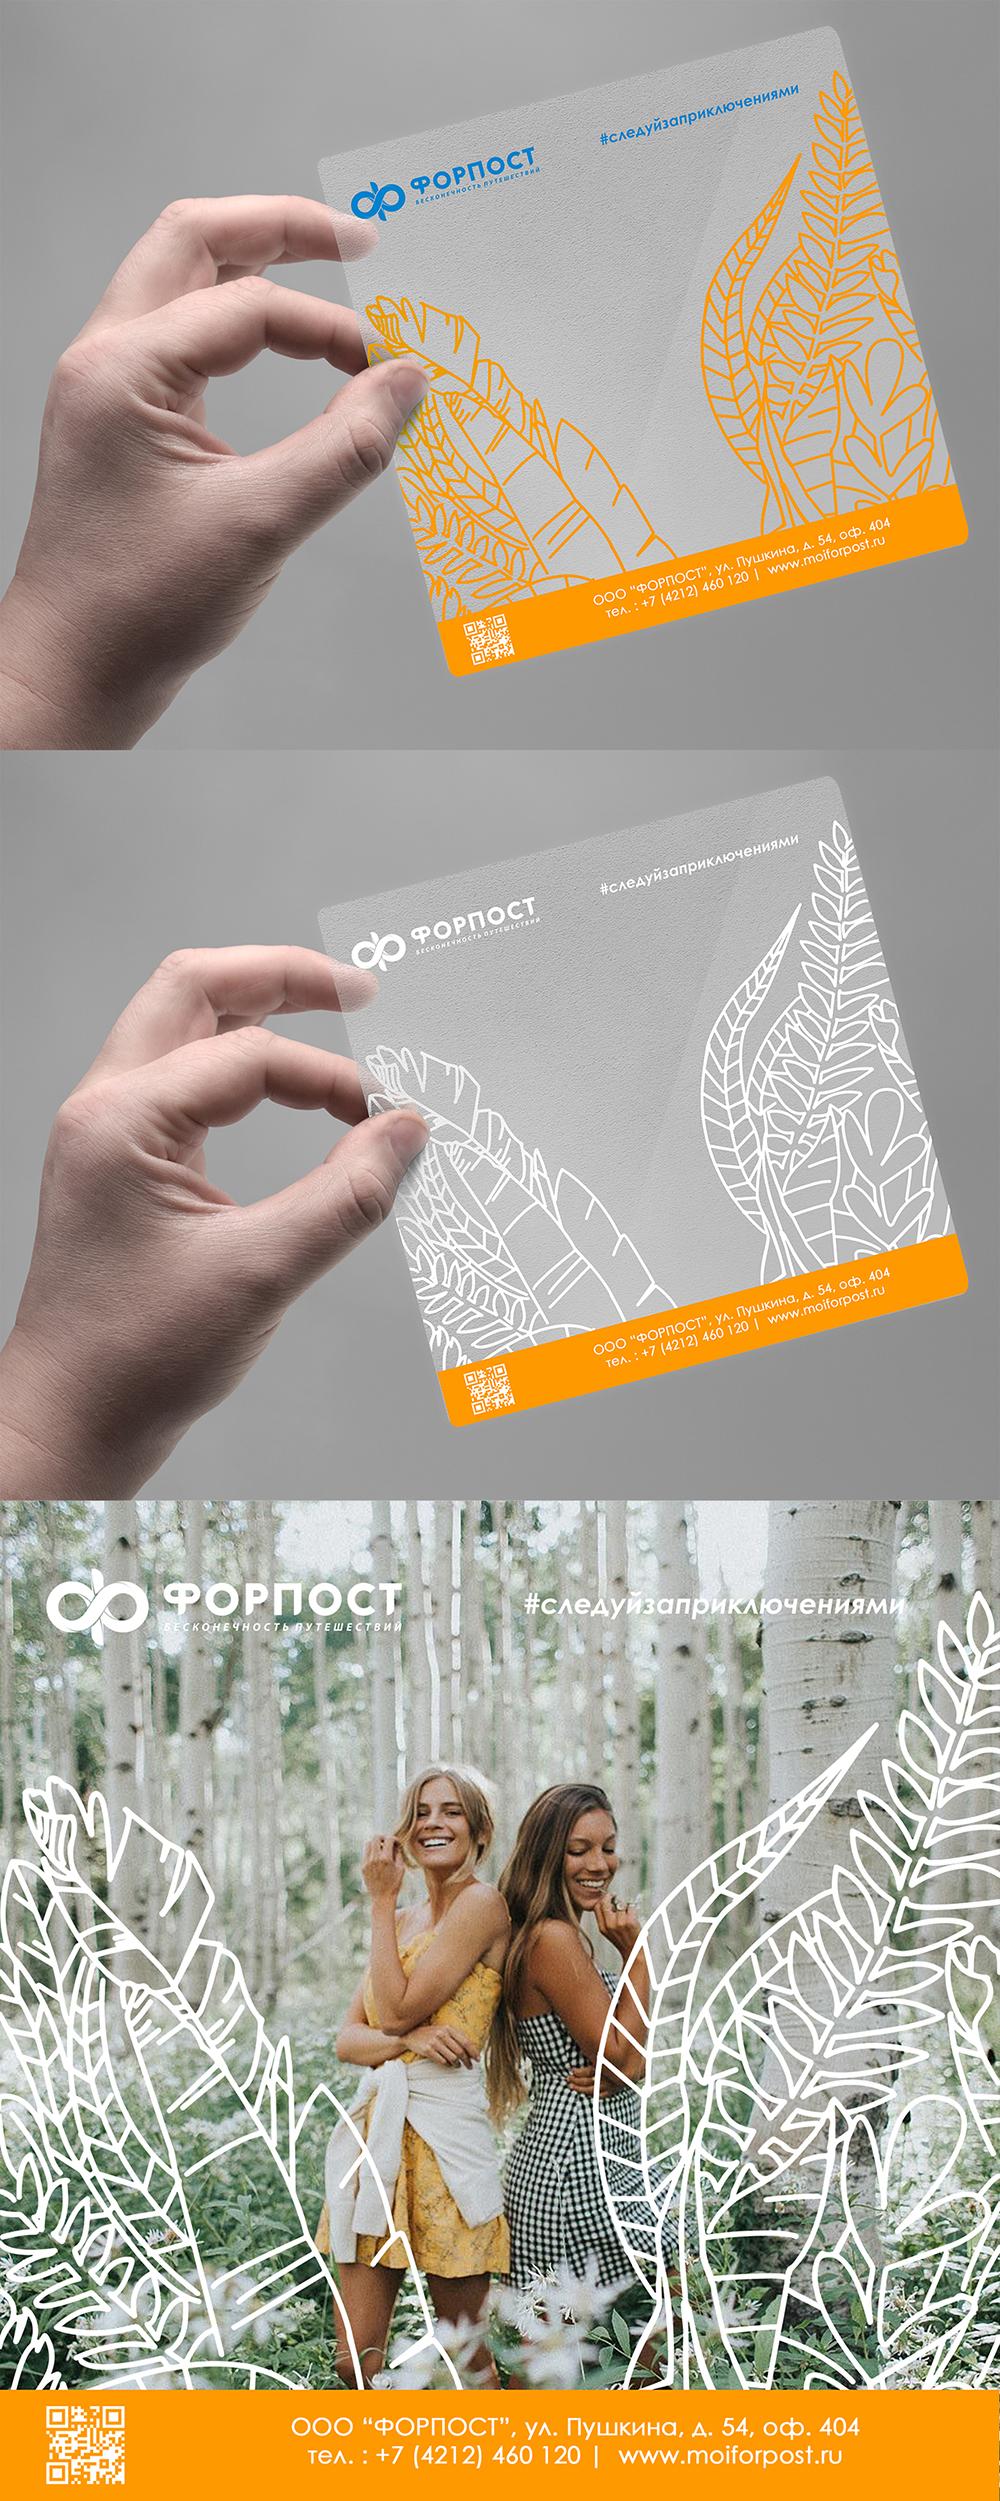 Дизайн флаера на прозрачном пластике фото f_4185b9bccc870a12.jpg